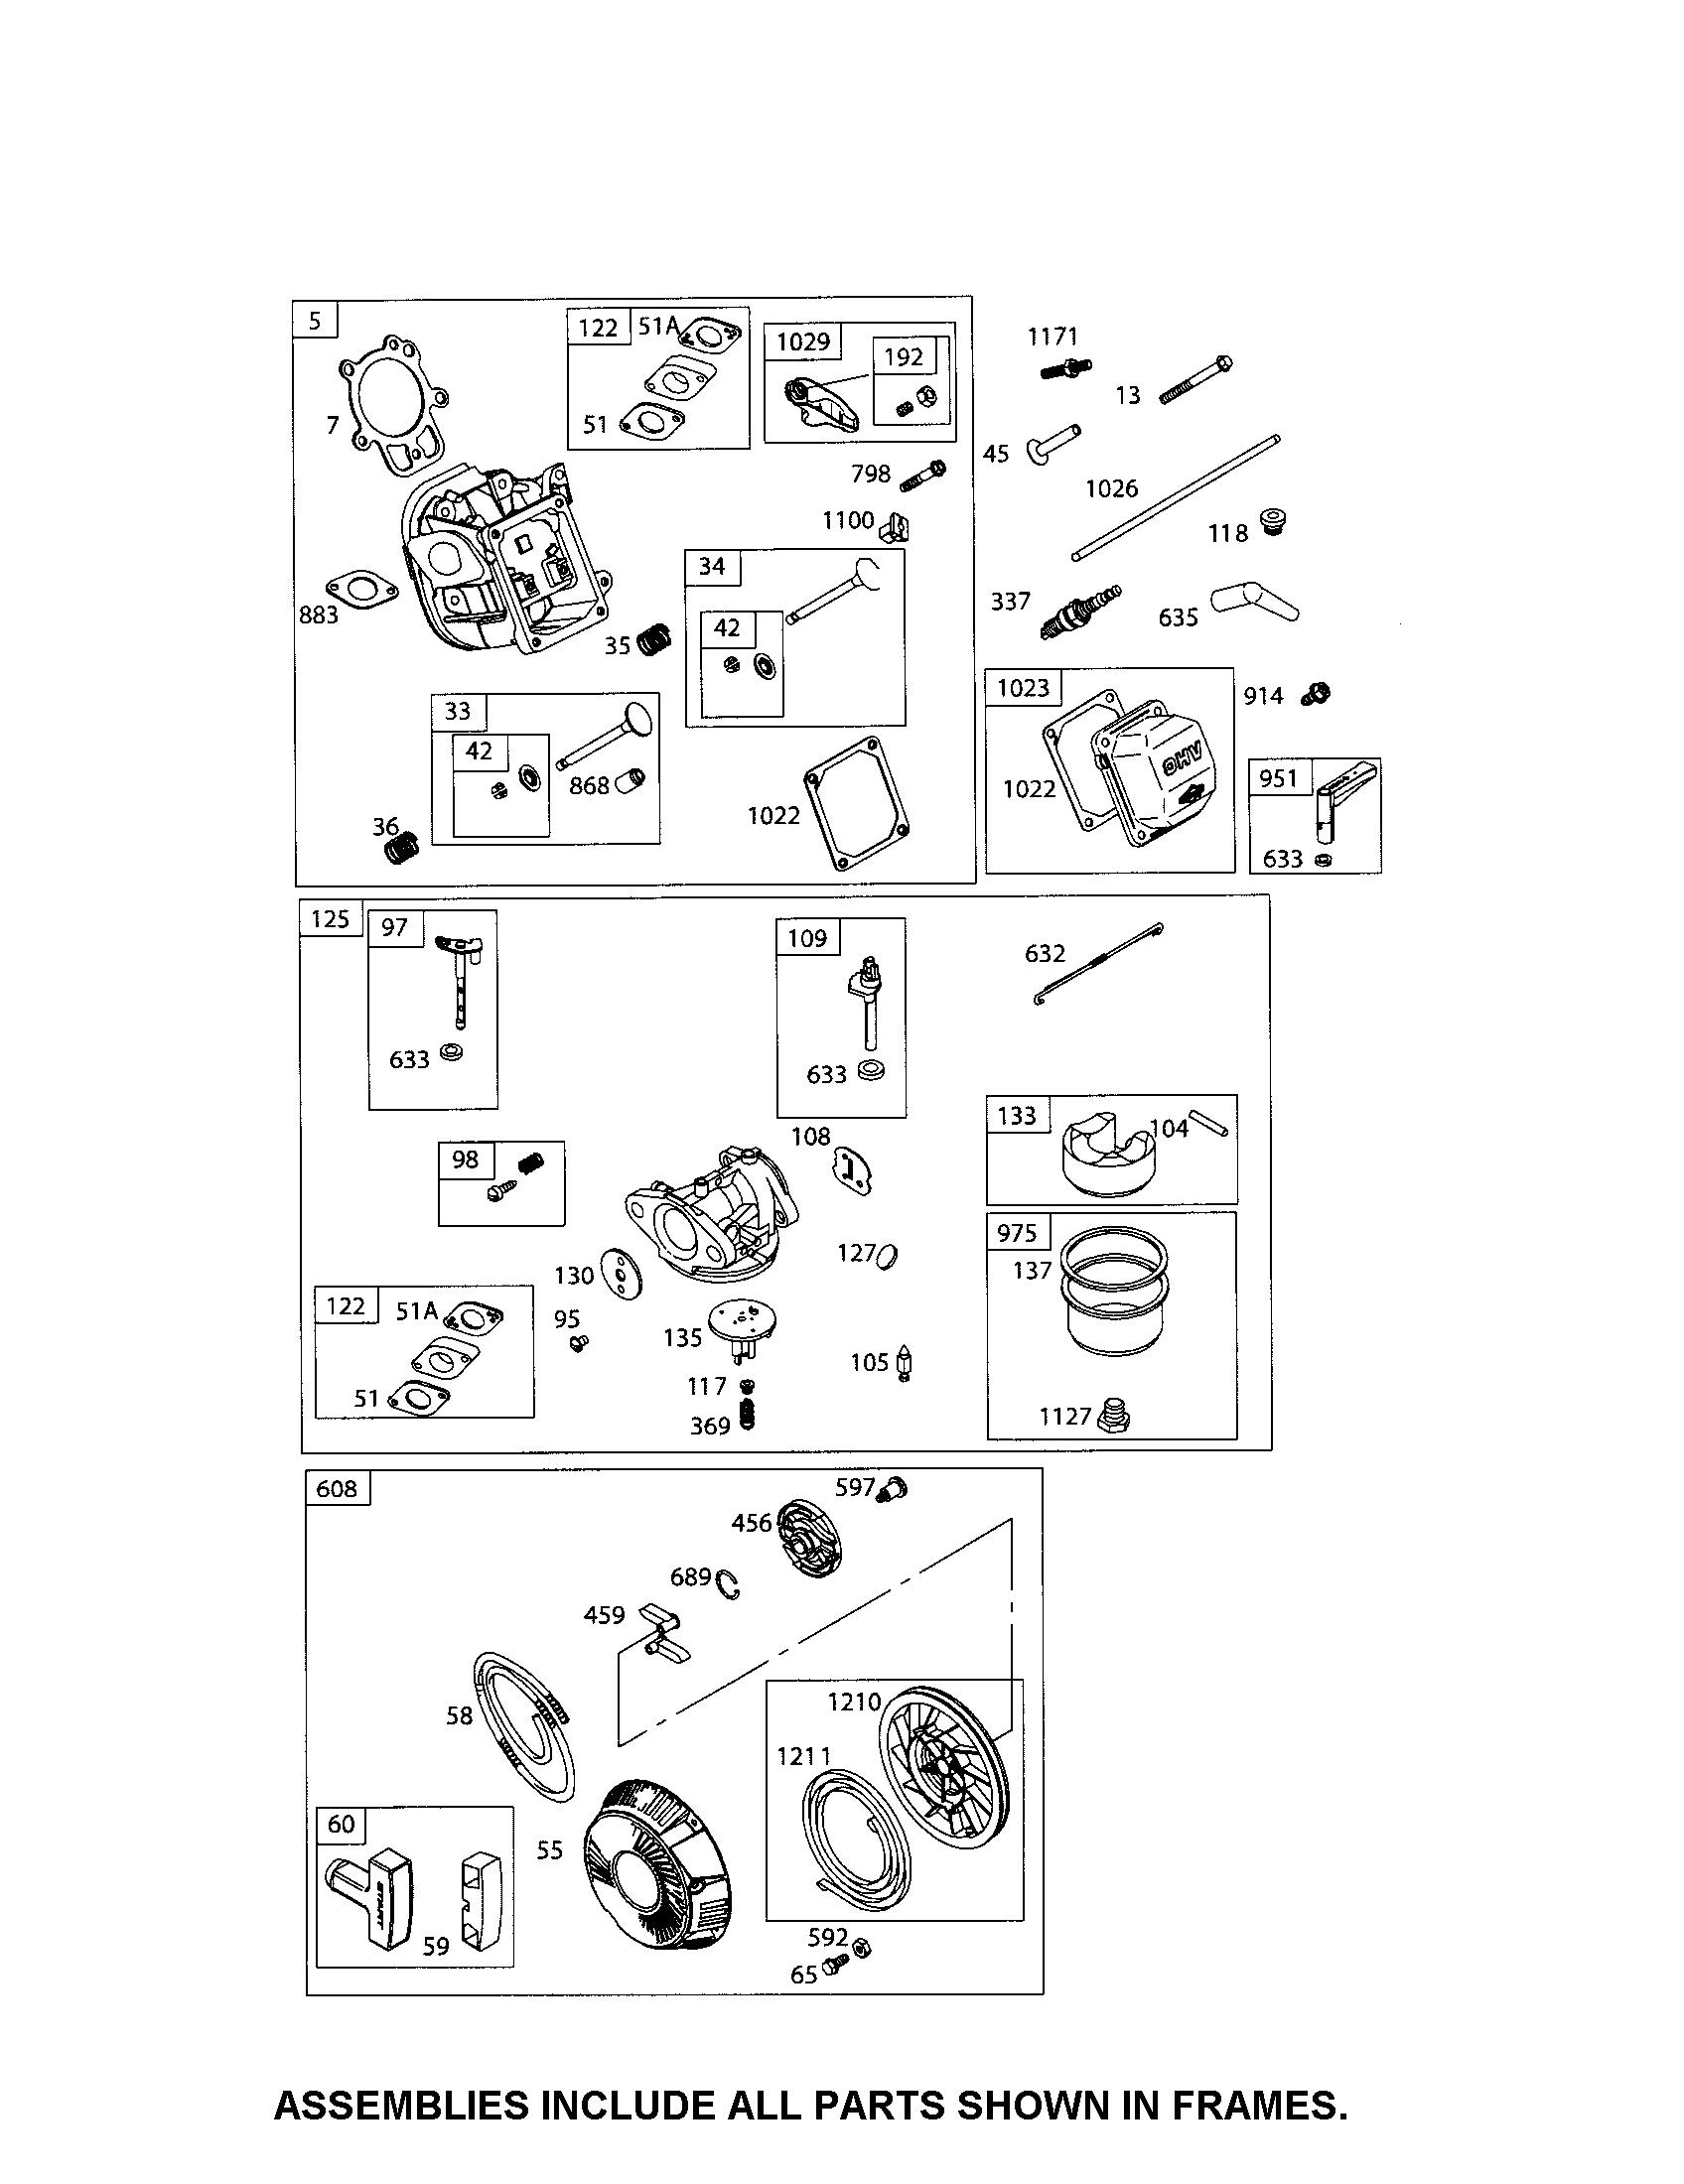 204412 engine diagram